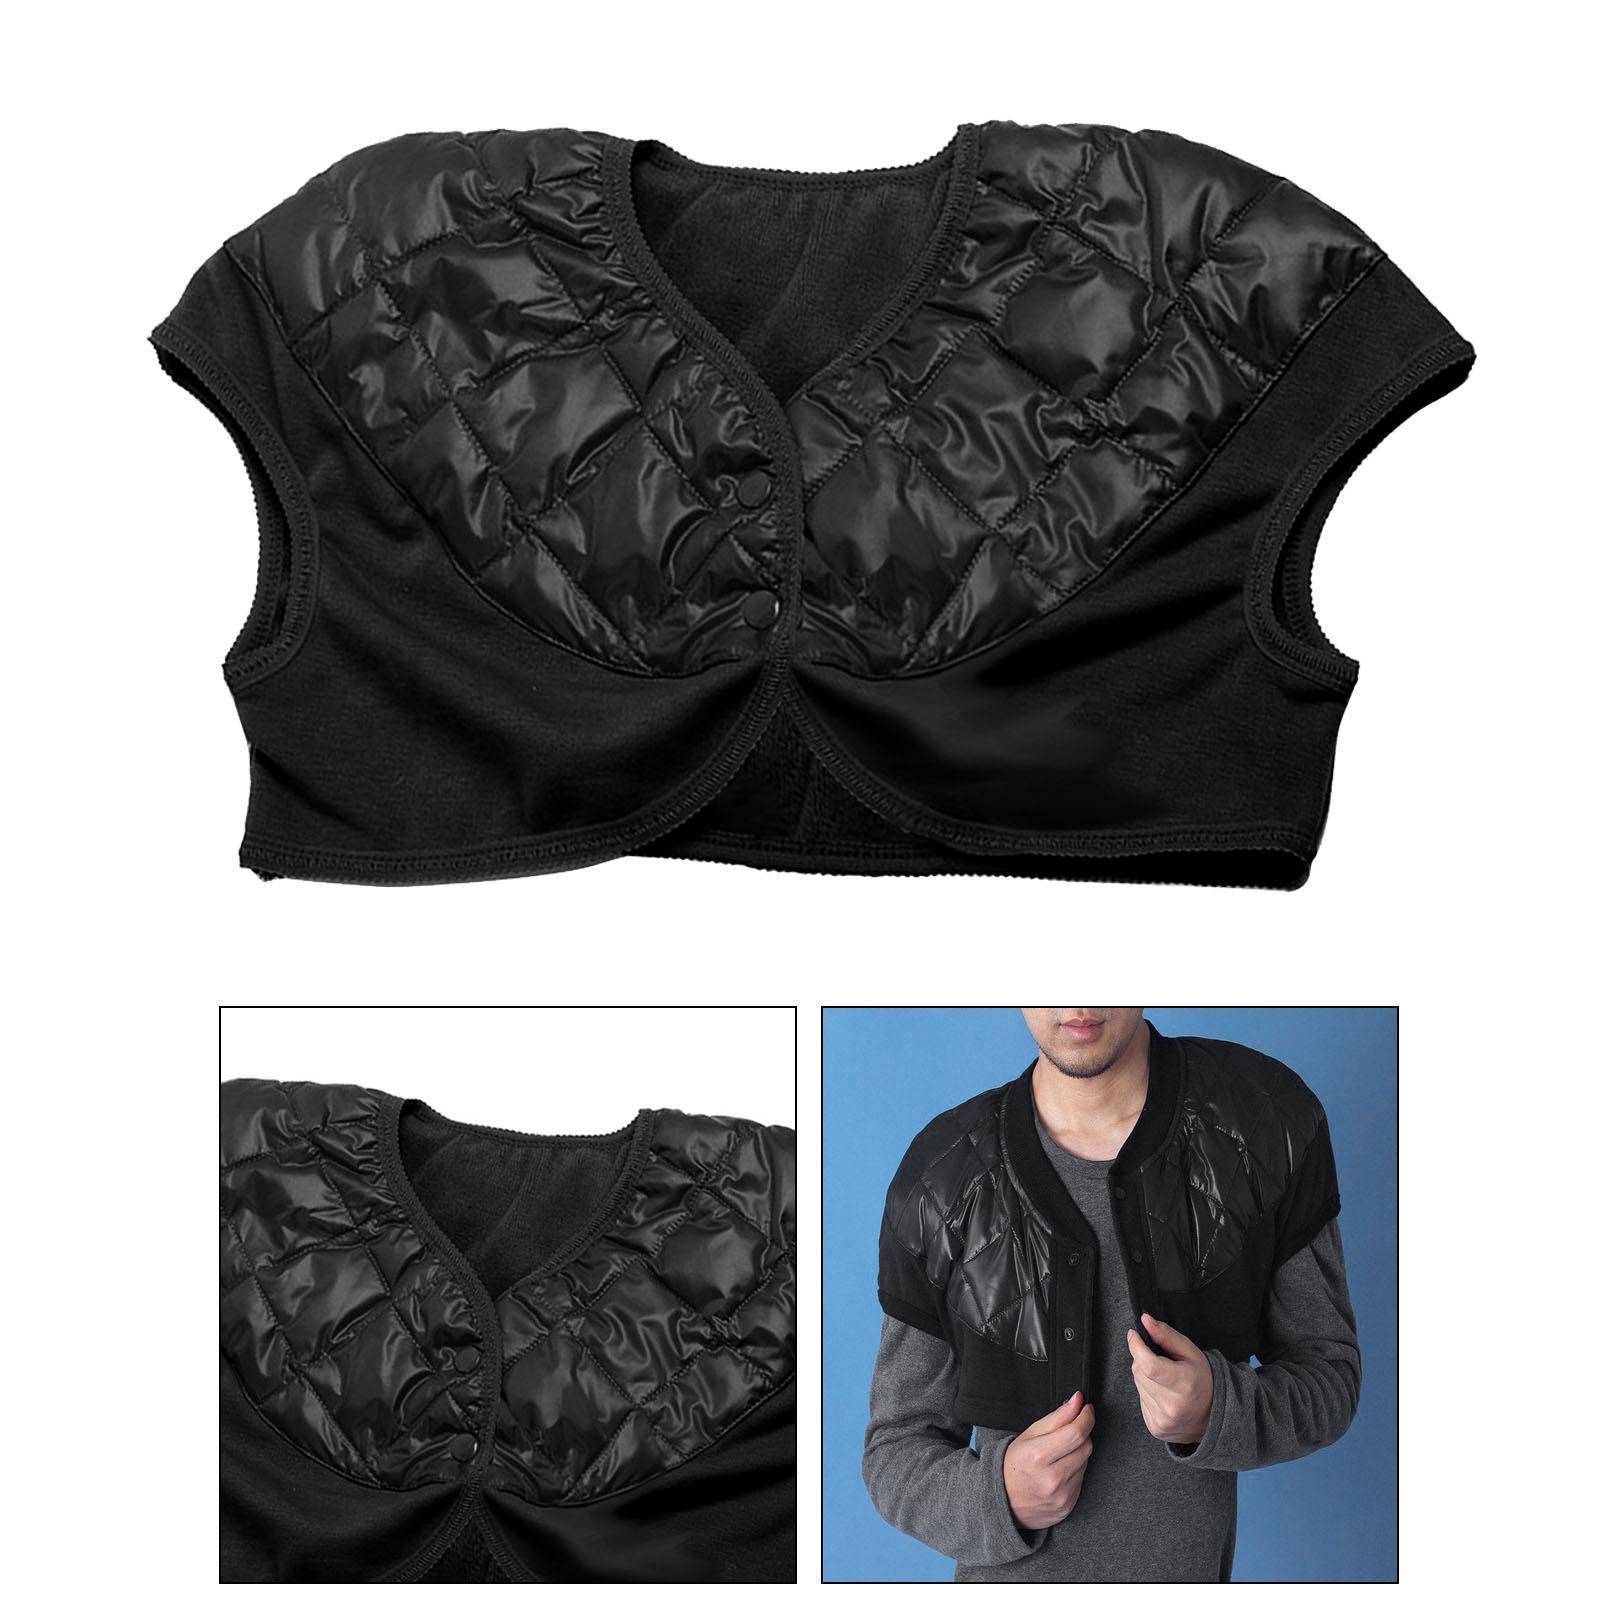 Femmes-Hommes-Down-Jacket-Chaud-Manteau-Court-Epaule-Chaud-Thermique-Wrap miniatura 13